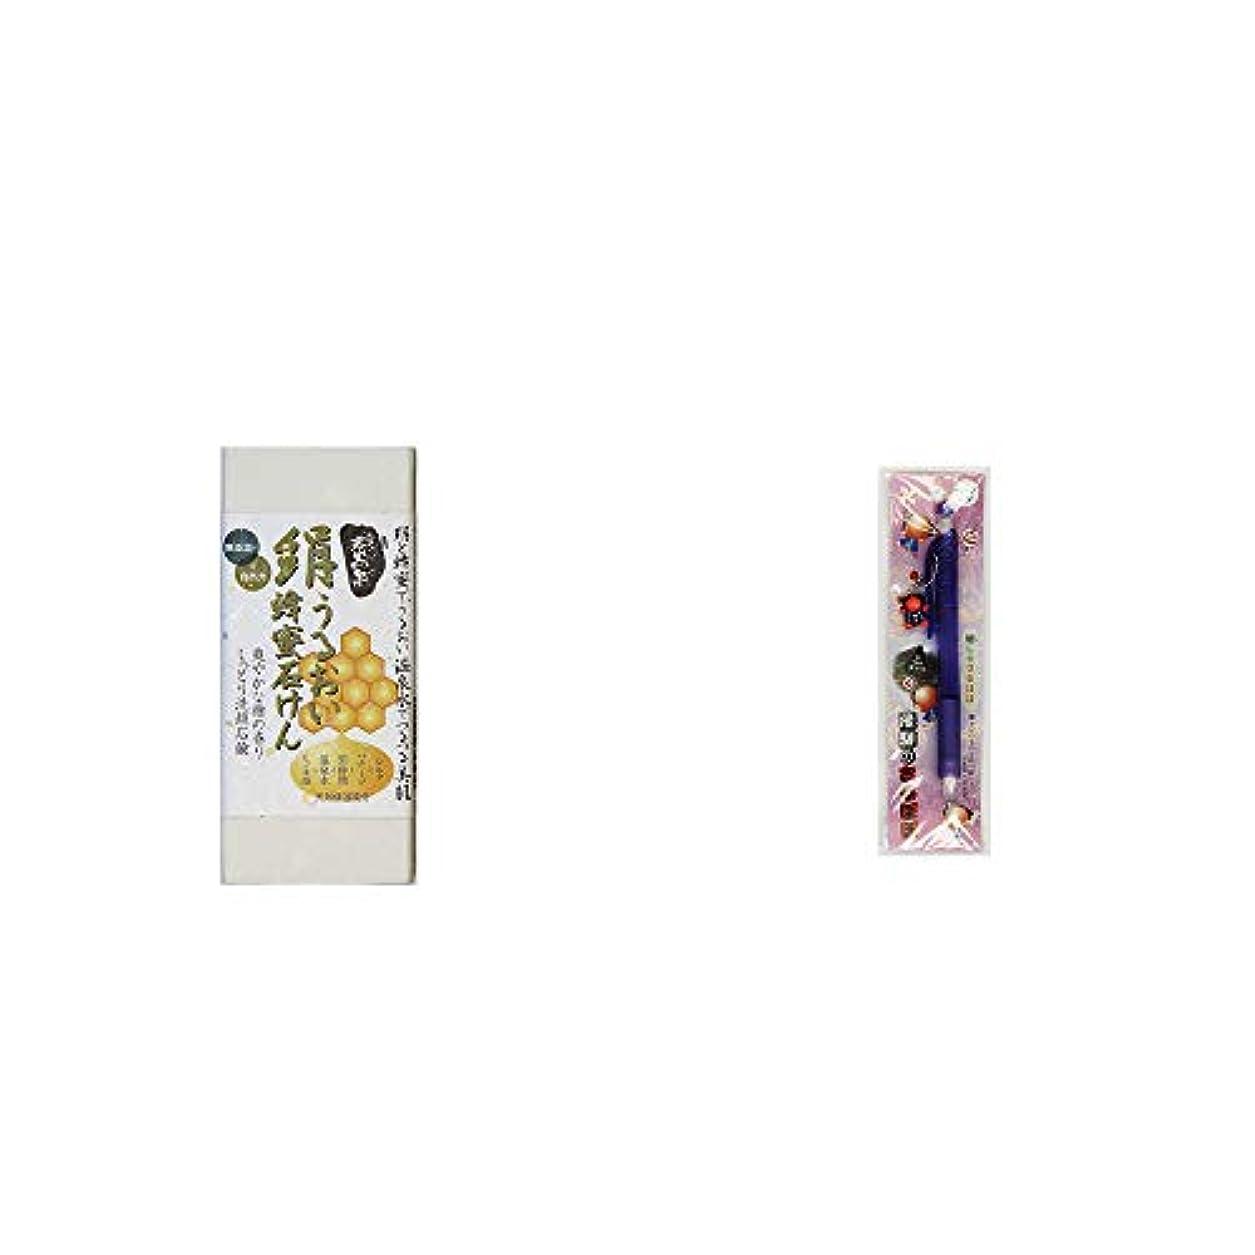 賭け輸送プール[2点セット] ひのき炭黒泉 絹うるおい蜂蜜石けん(75g×2)?さるぼぼ 癒しシャープペン 【パープル】